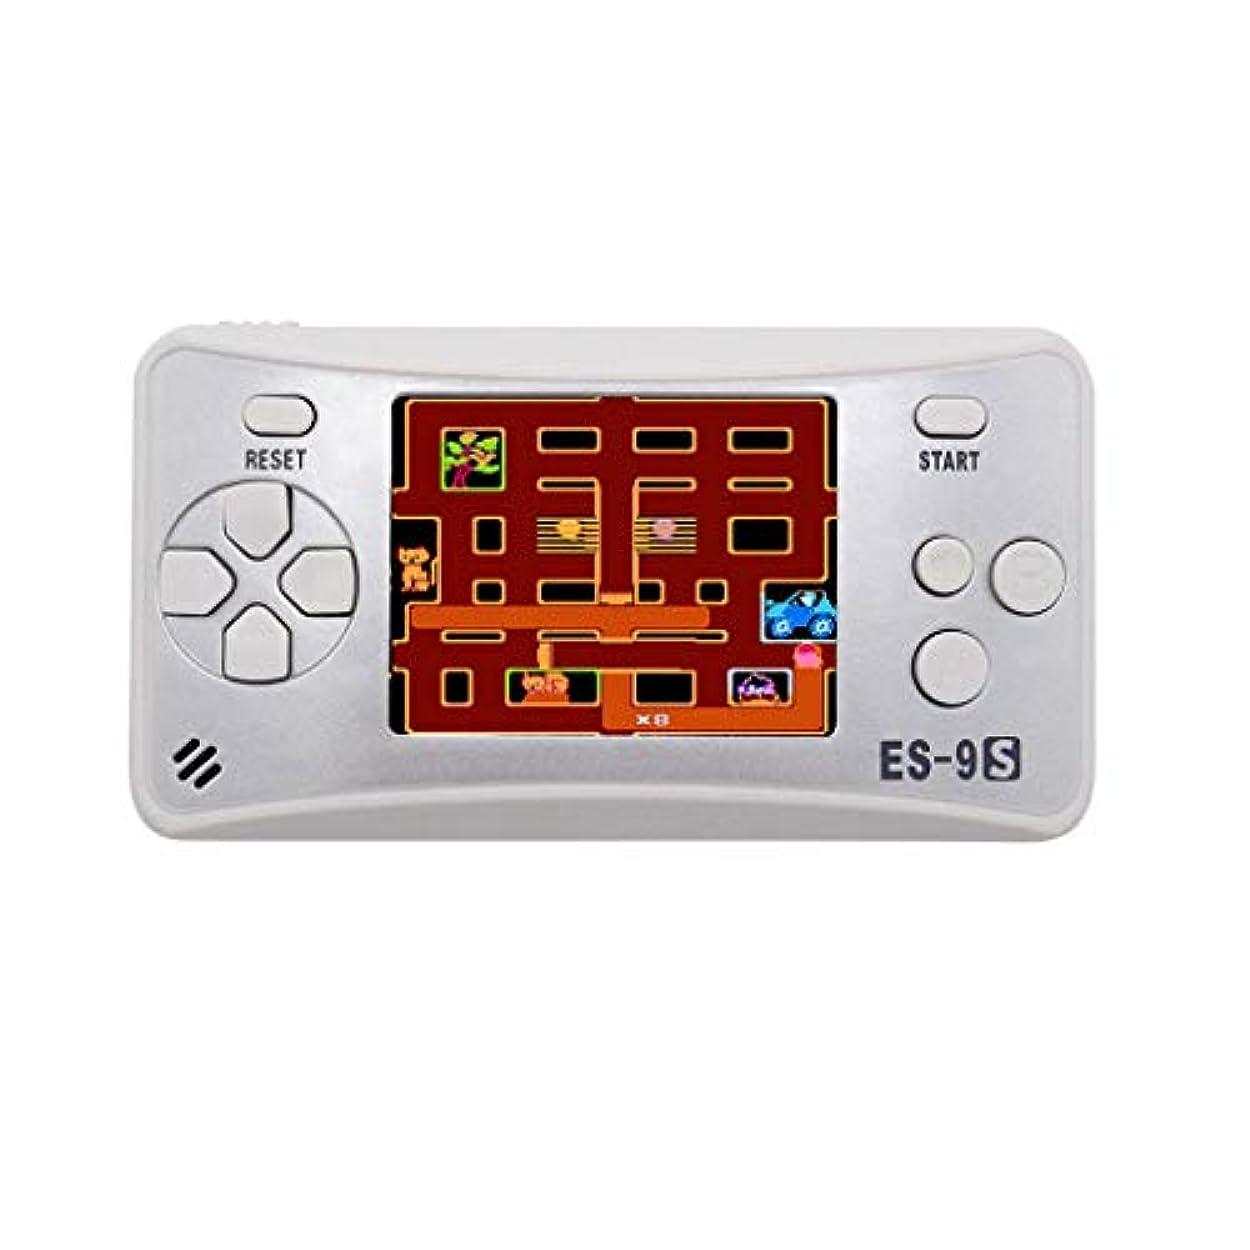 湿度神のモス携帯ゲーム機 2.5インチ アーケードゲーム ハンドヘルド ビデオ ゲーム コンソール 内蔵168クラシックゲーム ゲームプレーヤー サポートTVプレイhuajuan